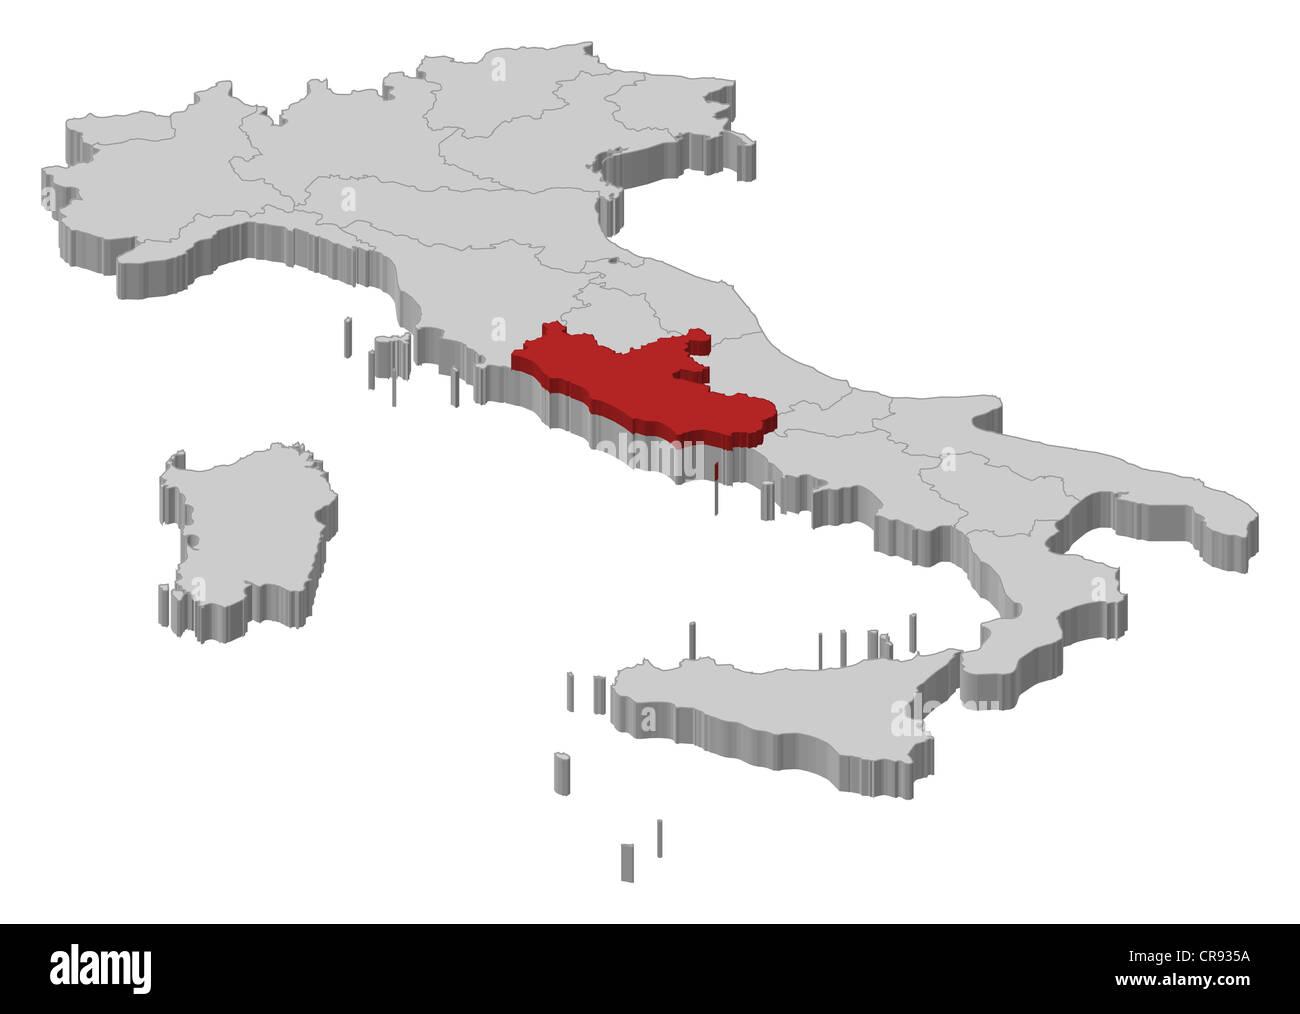 Cartina Muta Italia Regioni E Capoluoghi Da Stampare.28 Immagine Dell Italia Con Le Regioni